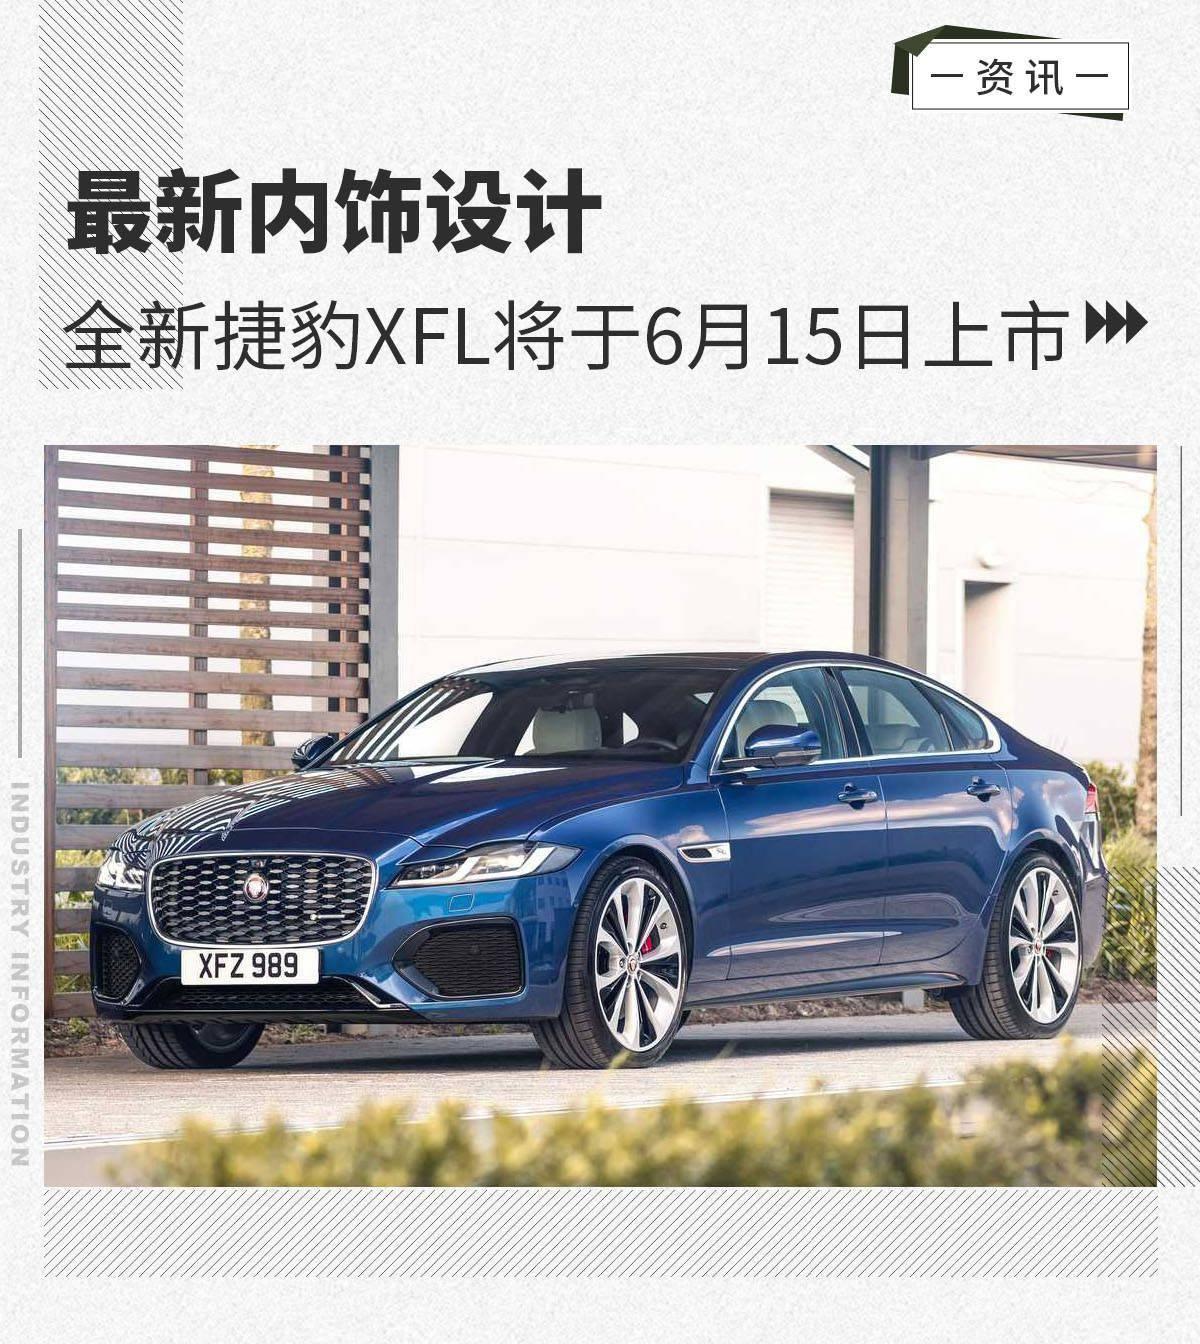 最新內飾設計 全新捷豹XFL將於6月15日上市